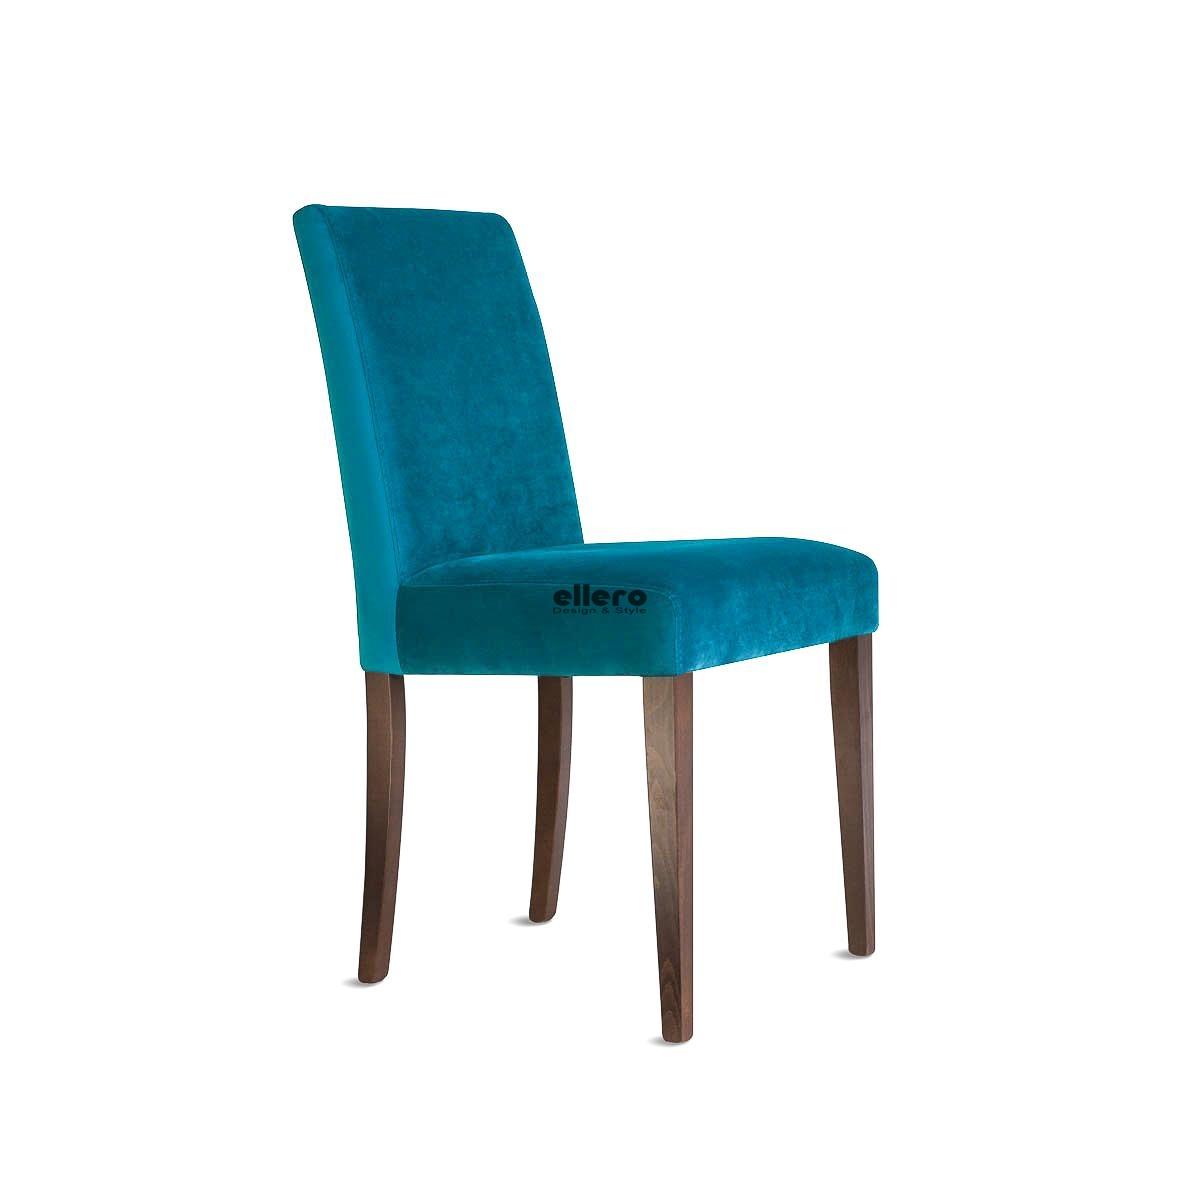 Sedie E Tavoli Manzano sedie per hotel e alberghi: *lory